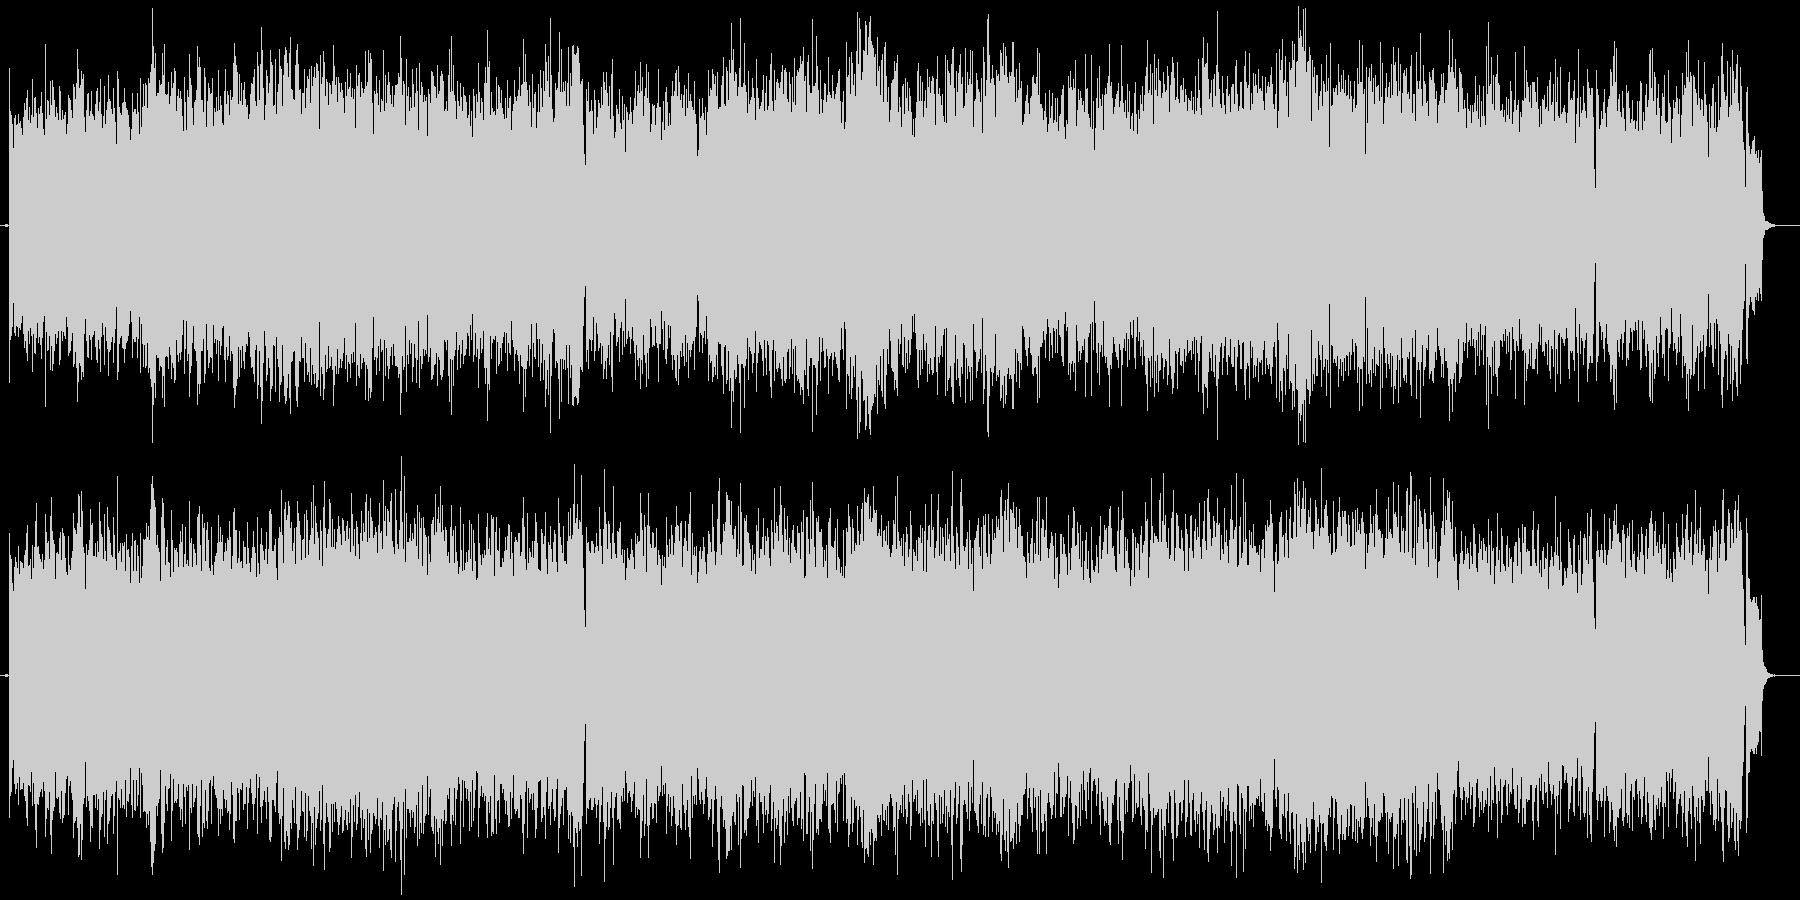 アイルランド音楽のリールセッションの未再生の波形